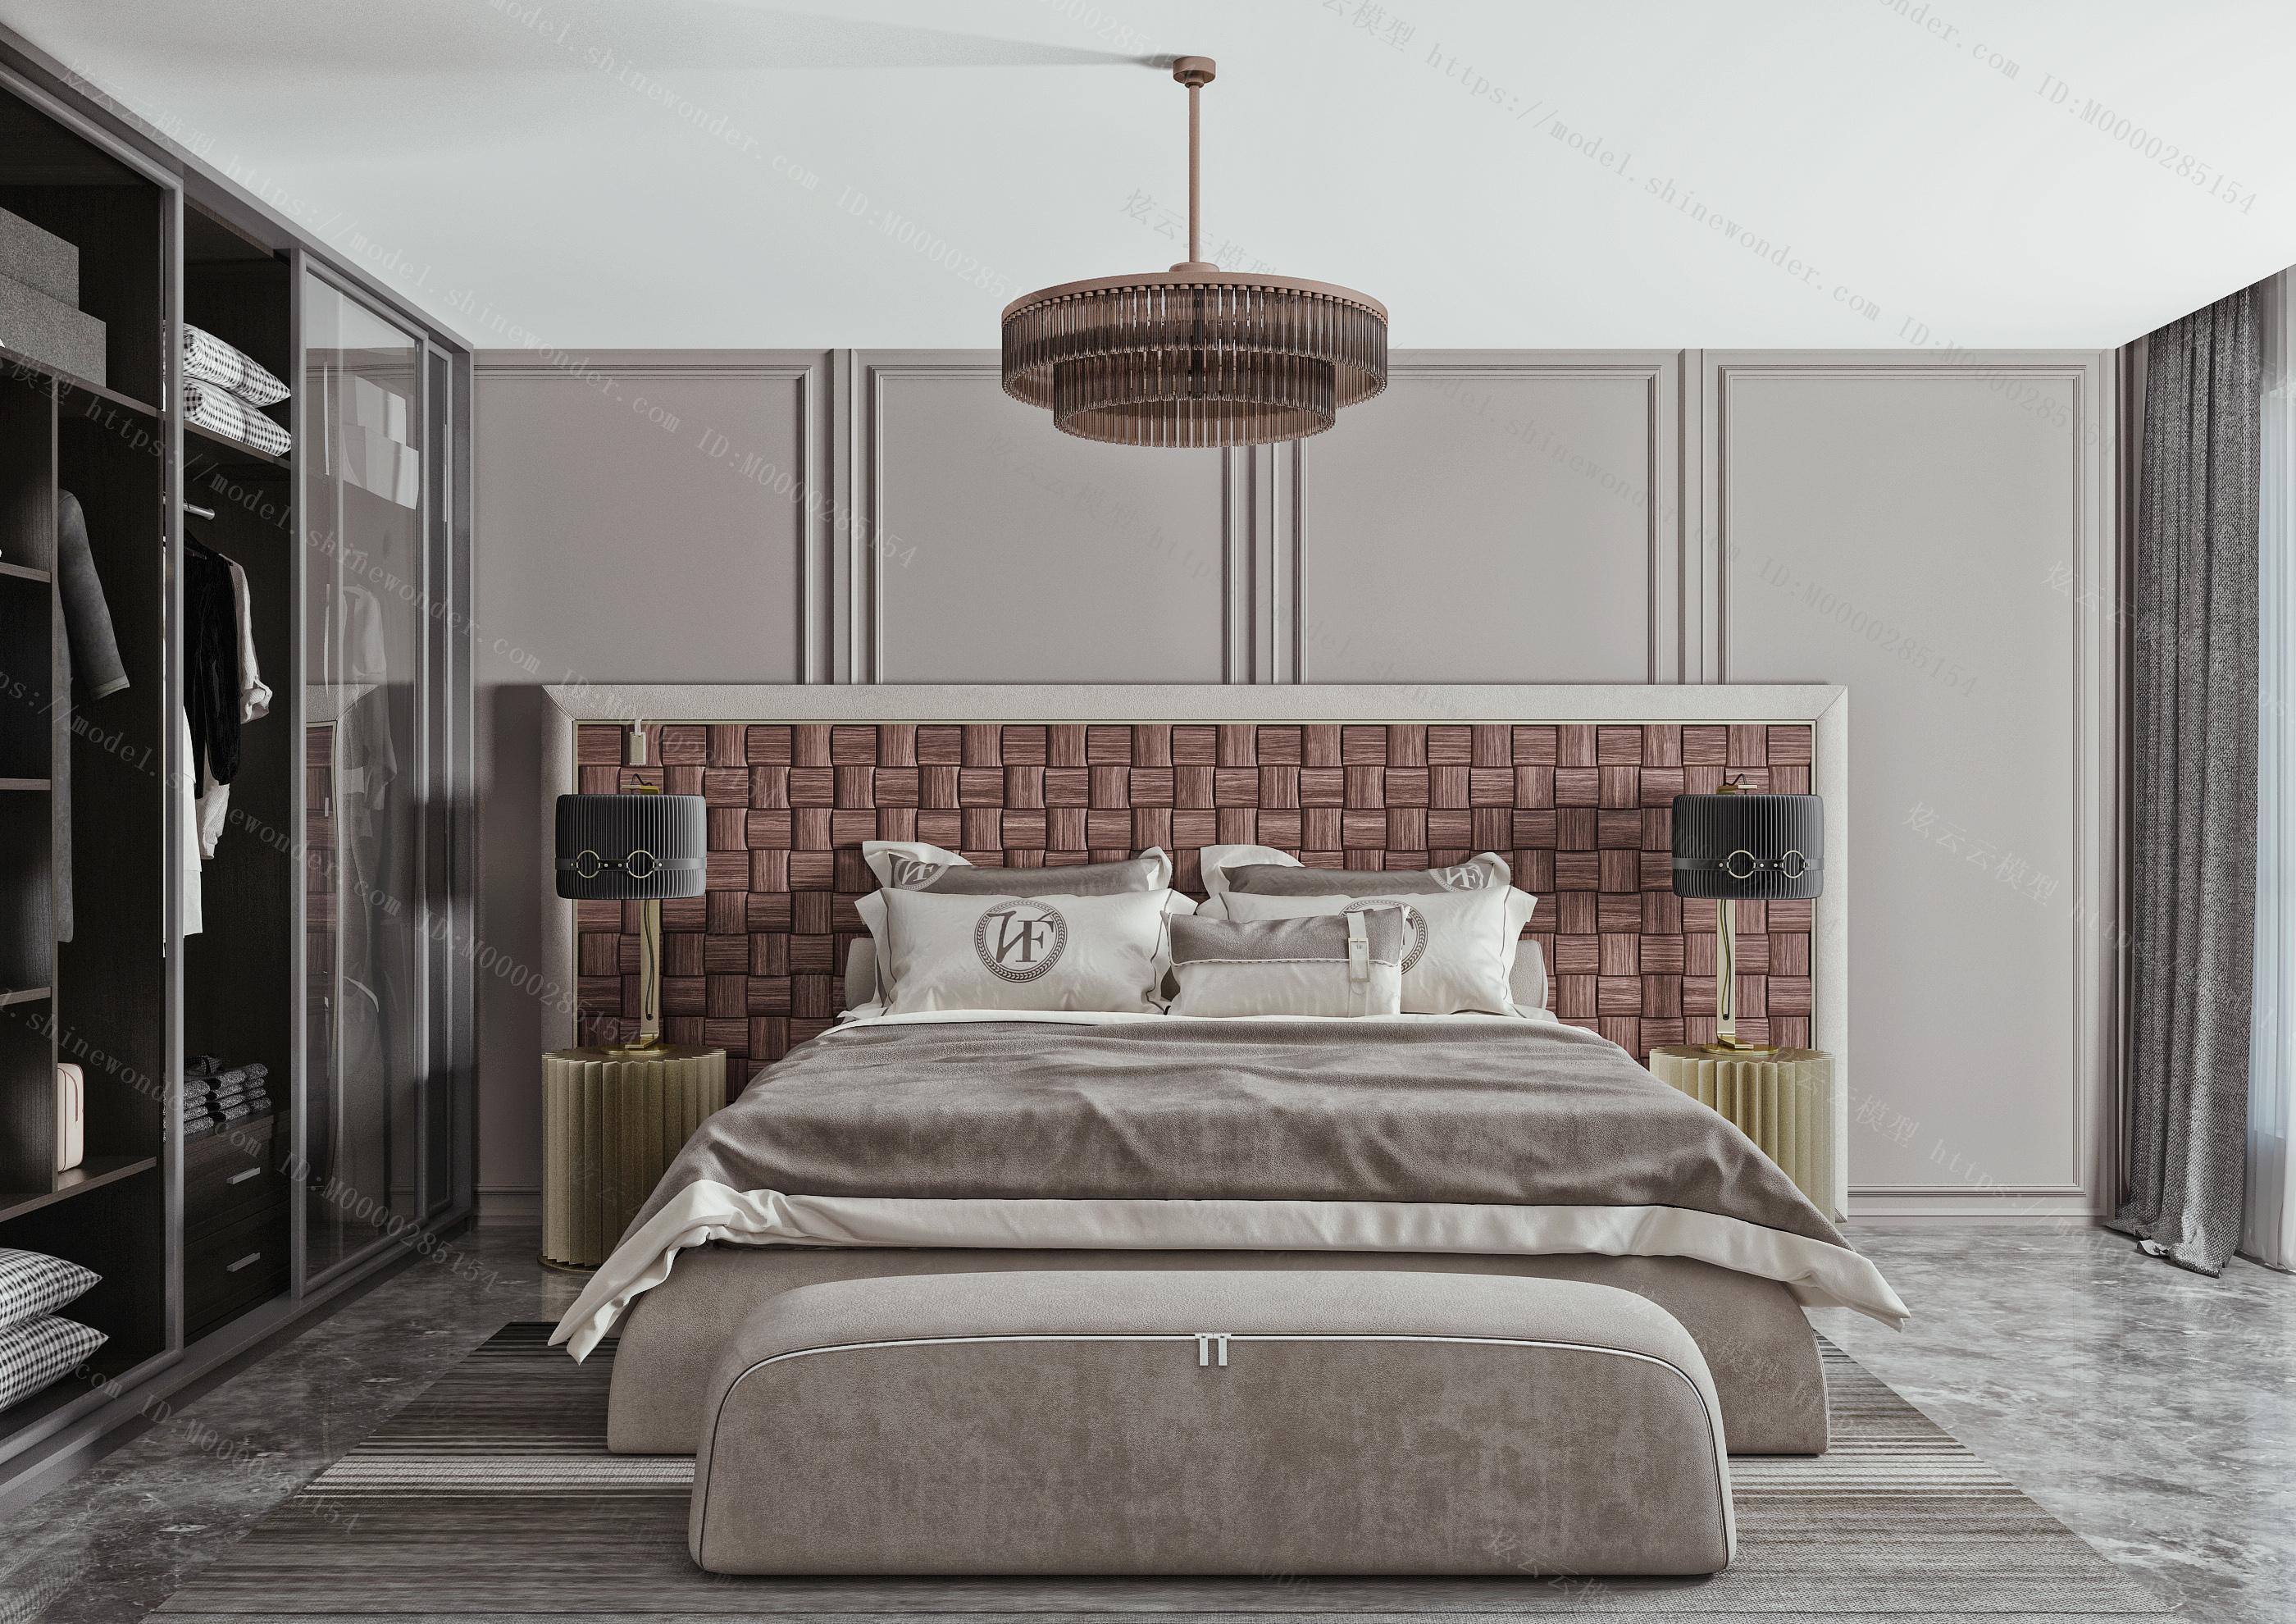 现代卧室  现代双人床品组合  床头柜模型